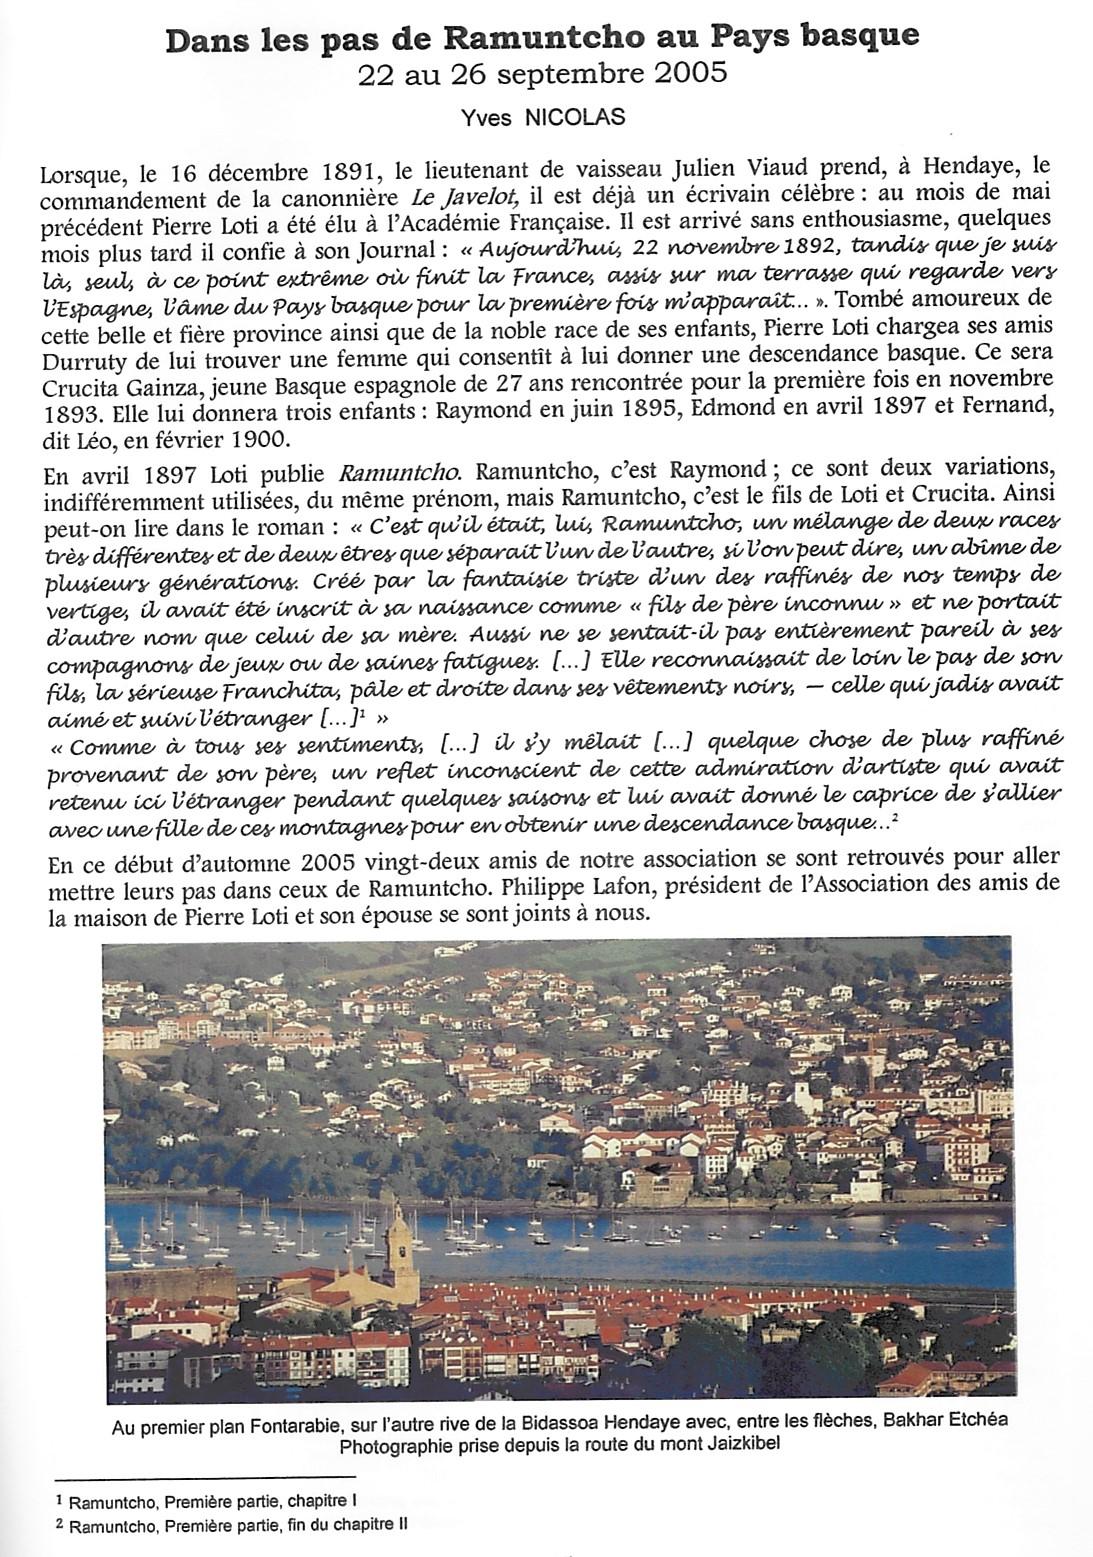 voyage au pays de Ramuntcho-page1(15)+